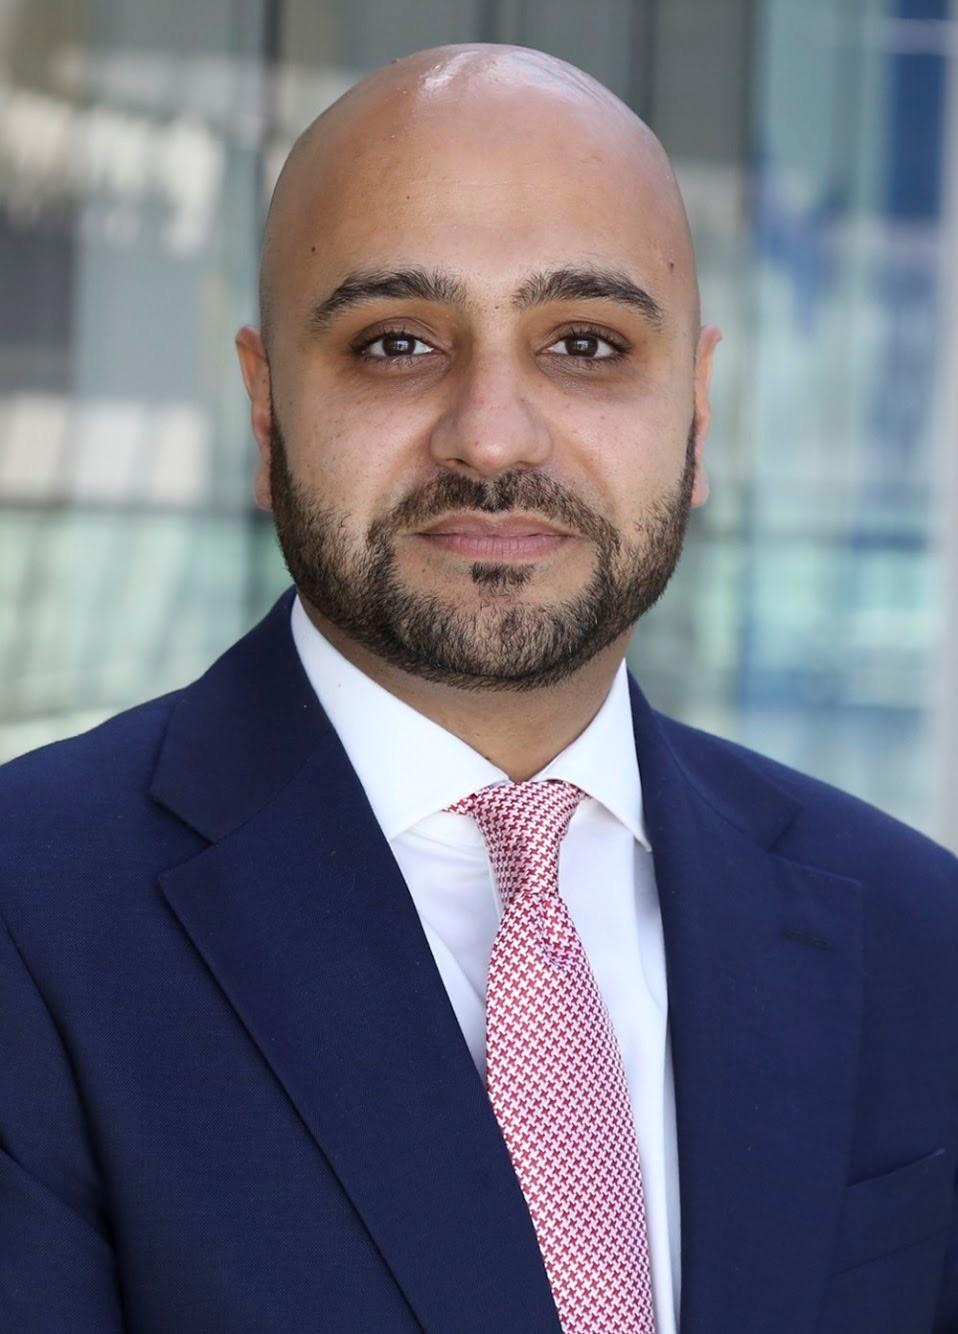 Asif Sadiq